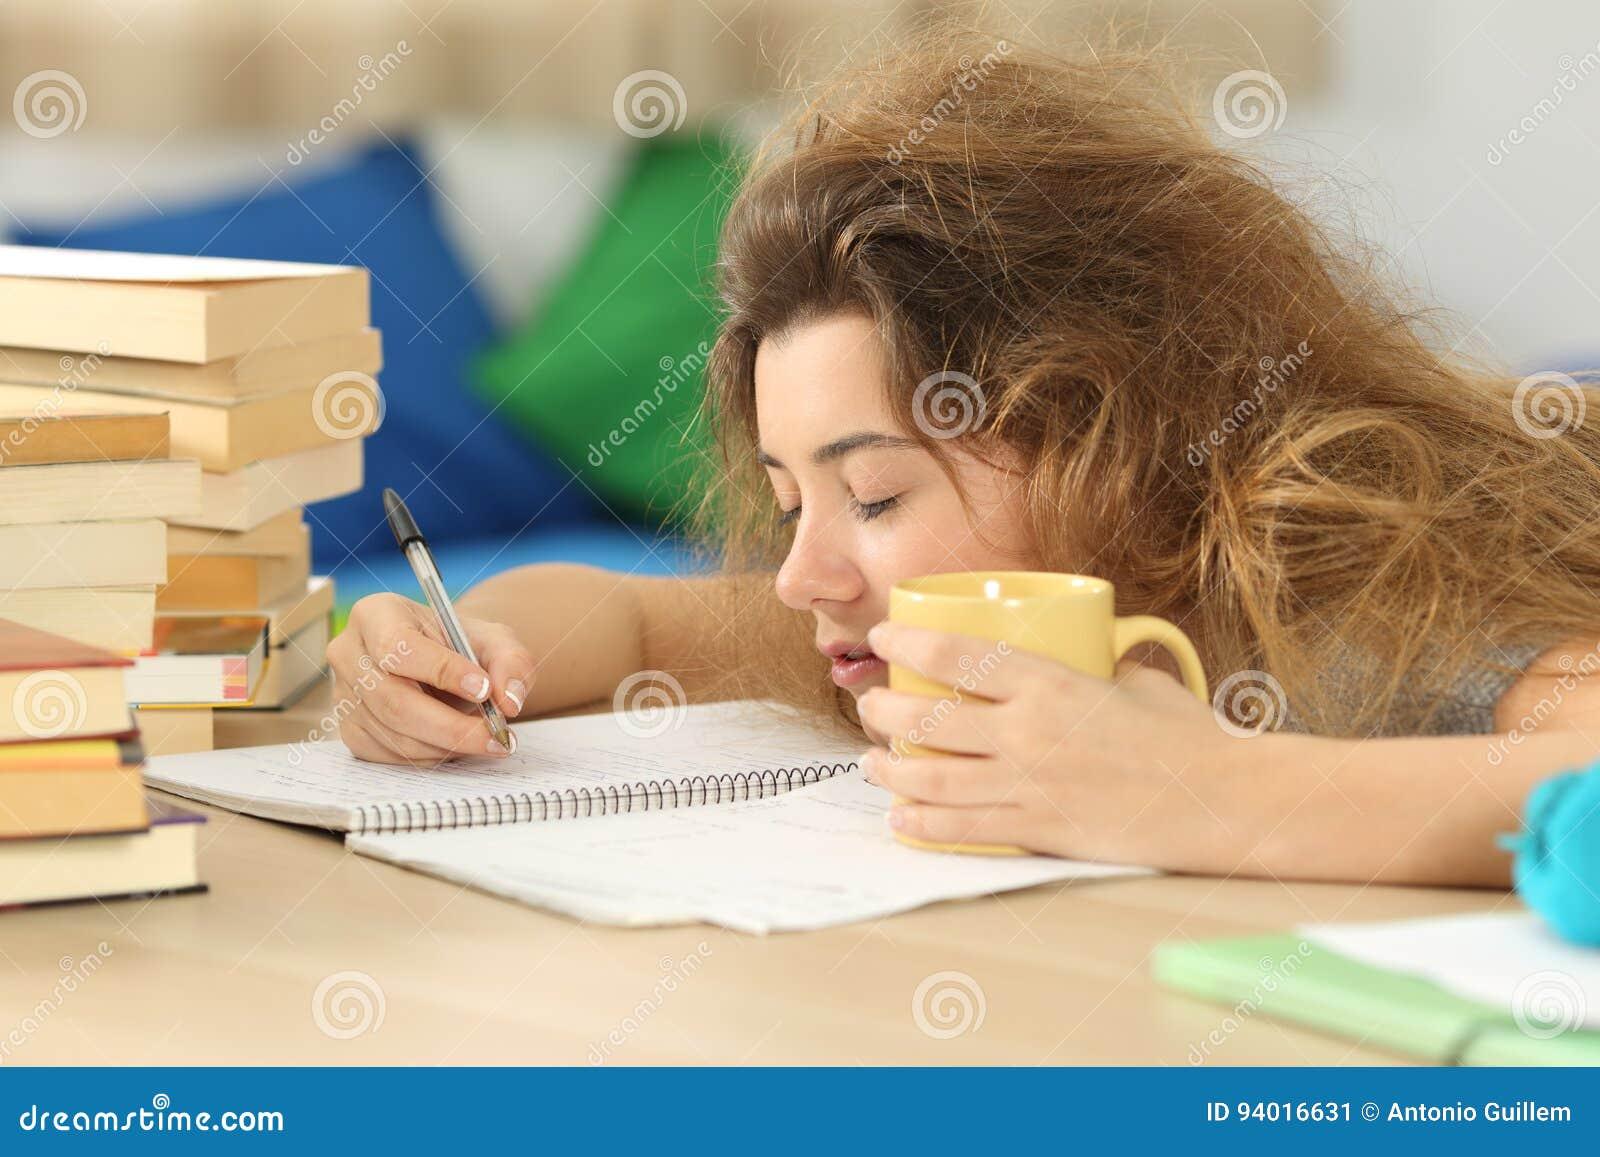 Müder und schläfriger Student, der versucht, Anmerkungen zu schreiben